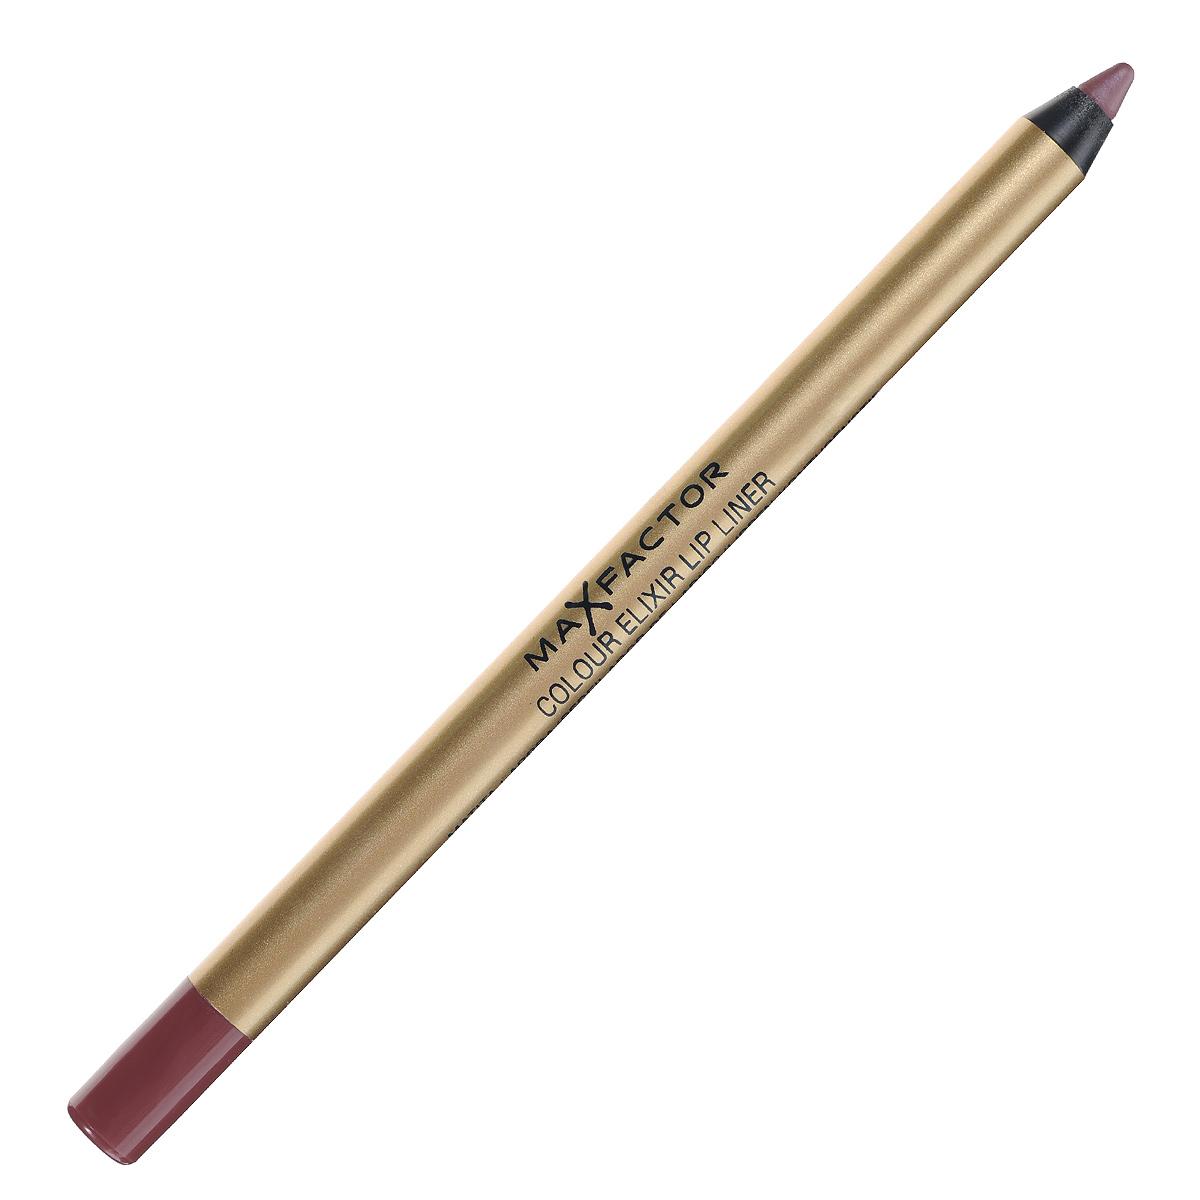 Max Factor Карандаш для губ Colour Elixir Lip Liner, тон №12 red blush, цвет: бордовый1092018Секрет эффектного макияжа губ - правильный карандаш. Он мягко касается губ и рисует точную линию, подчеркивая контур и одновременно ухаживая за губами. Карандаш для губ Colour Elixir подчеркивает твои губы, придавая им форму. - Роскошный цвет и увлажнение для мягких и гладких губ. - Оттенки подходят к палитре помады Colour Elixir. - Легко наносится.1. Выбирай карандаш на один тон темнее твоей помады 2. Наточи карандаш и смягчи кончик салфеткой 3. Подведи губы в уголках, дугу Купидона и середину нижней губы, затем соедини линии 4. Нанеси несколько легких штрихов на губы, чтобы помада держалась дольше.